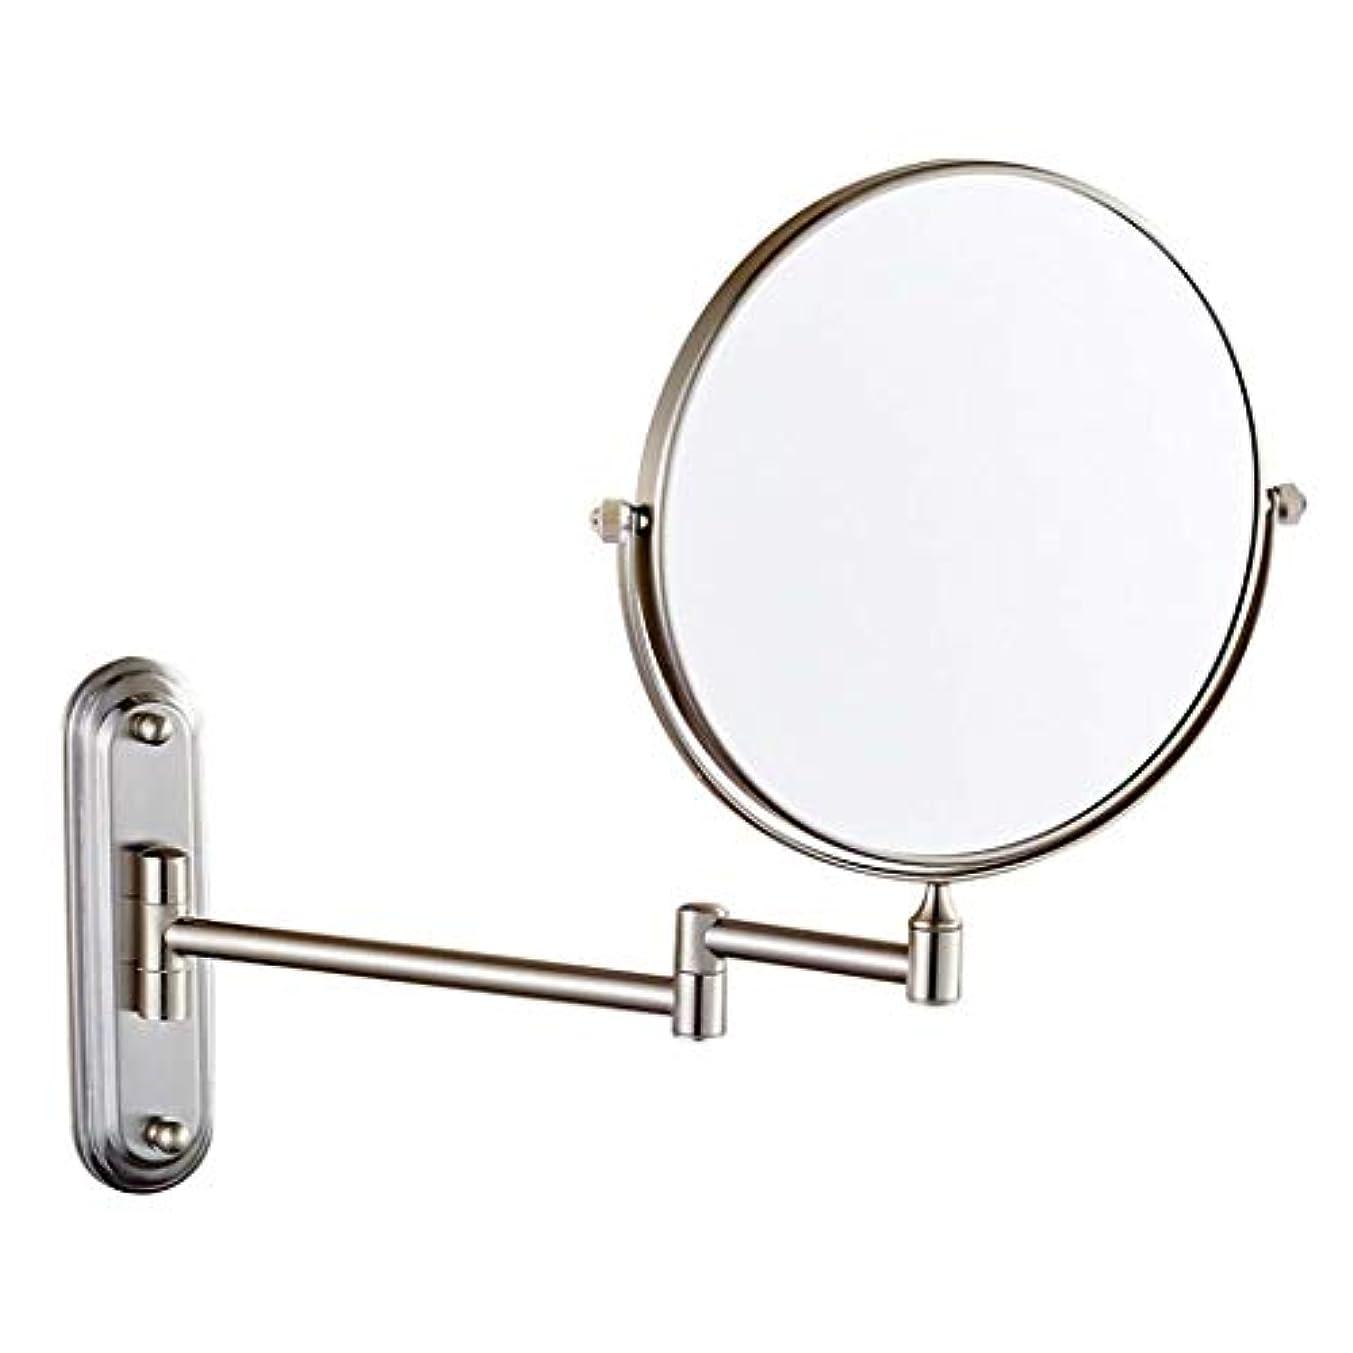 汗演劇ビバ壁掛け浴室用ミラー両面化粧鏡3倍/ 5倍/ 7倍/ 10倍拡大虚栄心拡大鏡回転、お風呂、スパ、ホテル用拡張可能 (色 : ブロンズ, サイズ さいず : 8 inch-10x)